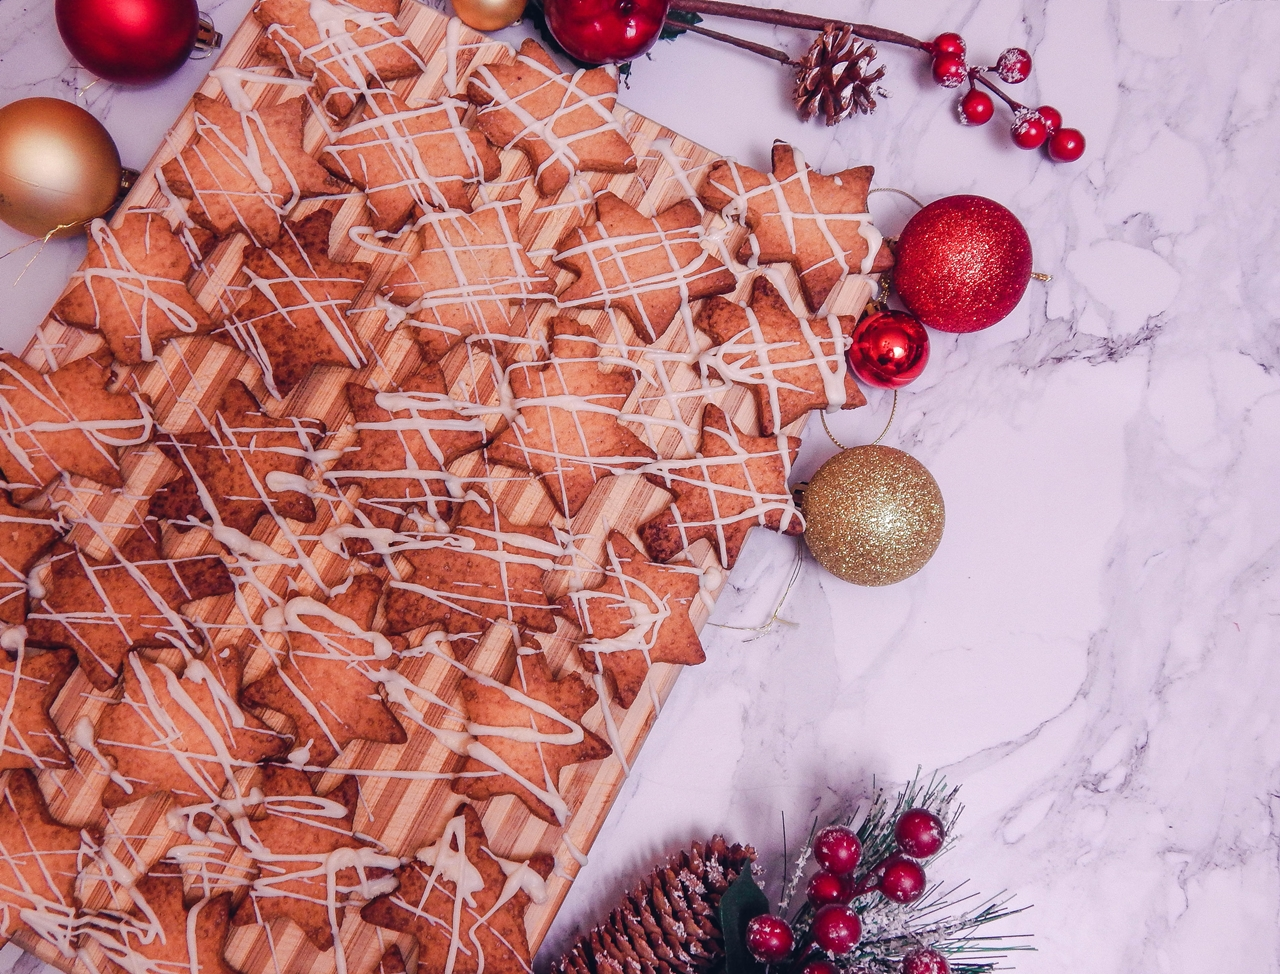 1 Pierniczki inaczej, prosty szybki, łatwy przepis na pierniki ciastka kruche, świąteczne ciastka, ciastka na choinkę jak zrobić pierniki ciastka gwiazdki, blog kulinarny łódź, lifestyle melodylaniella